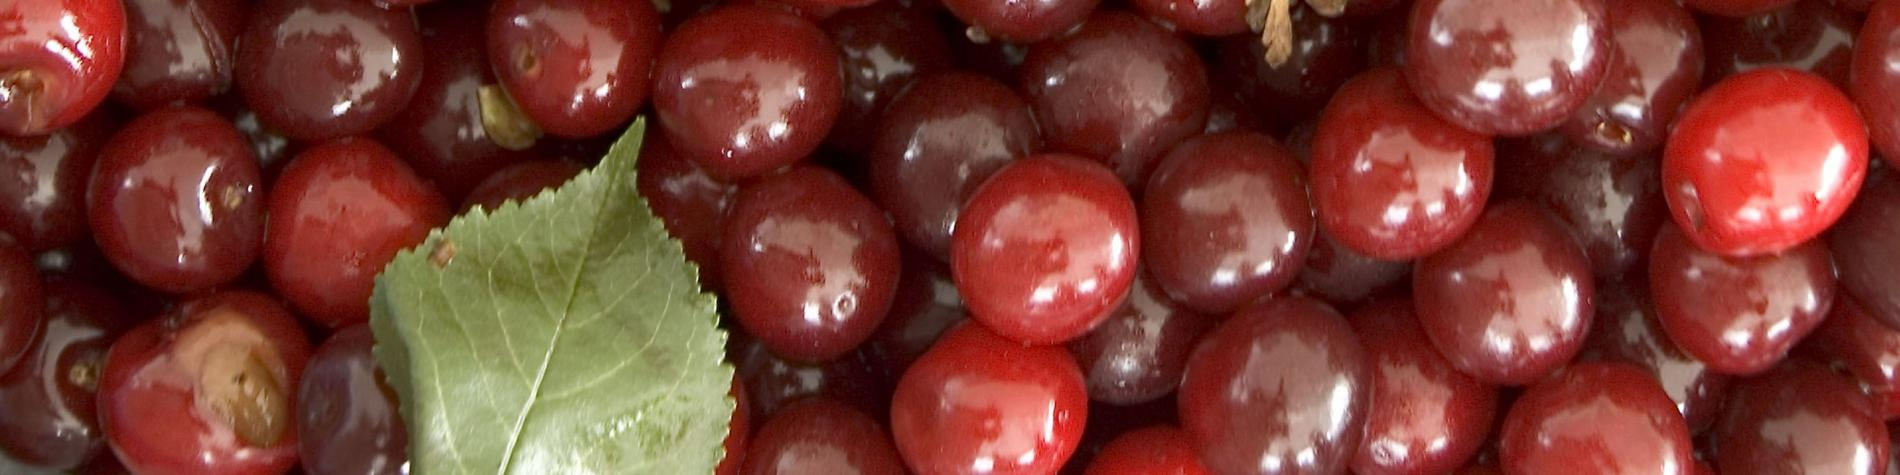 Découvrez la Ducasse aux cerises à Biercée, une tarte aux cerises glorifiée